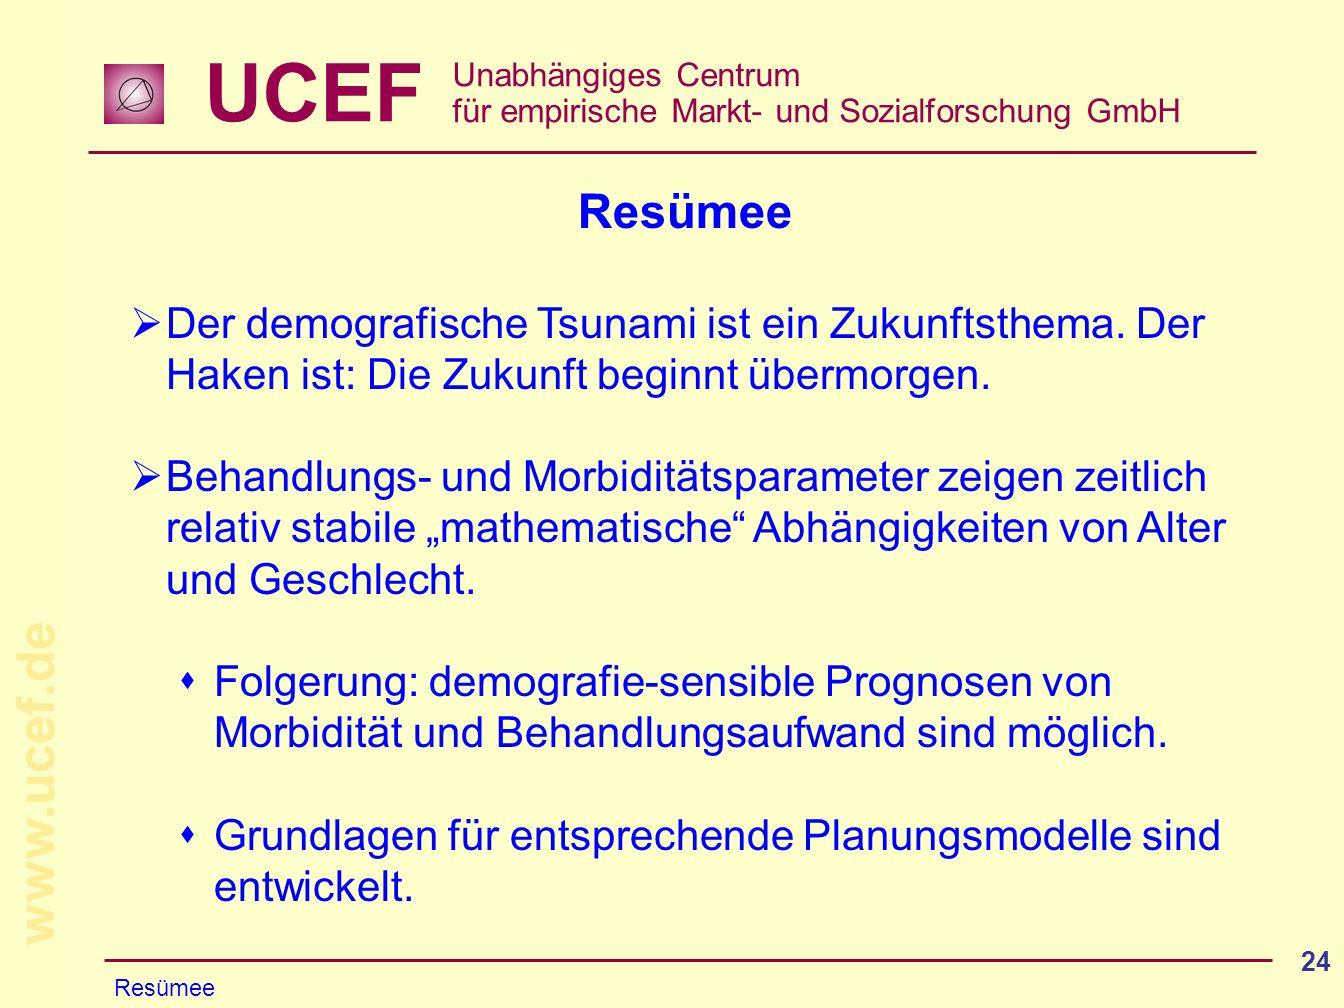 UCEF Unabhängiges Centrum für empirische Markt- und Sozialforschung GmbH www.ucef.de 24 Resümee Der demografische Tsunami ist ein Zukunftsthema. Der H